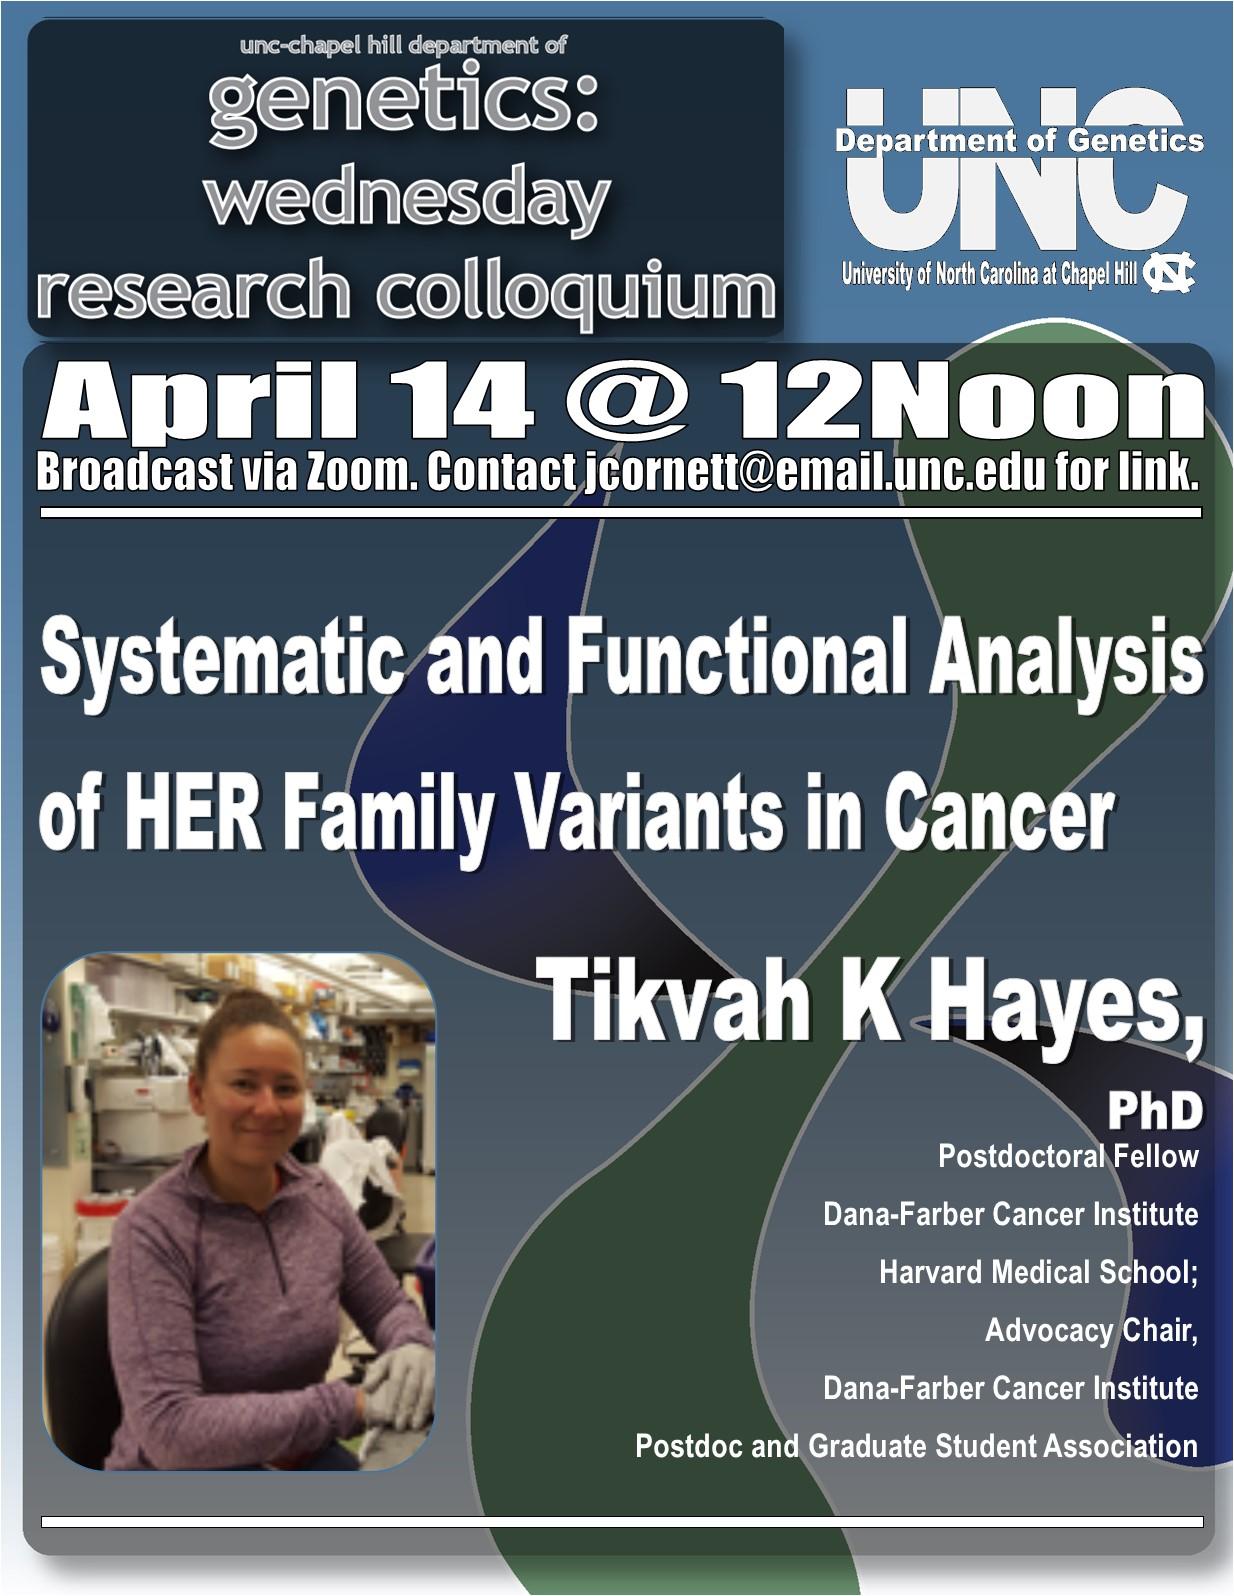 Genetics Colloquium_21 0414 Tikvah Hayes